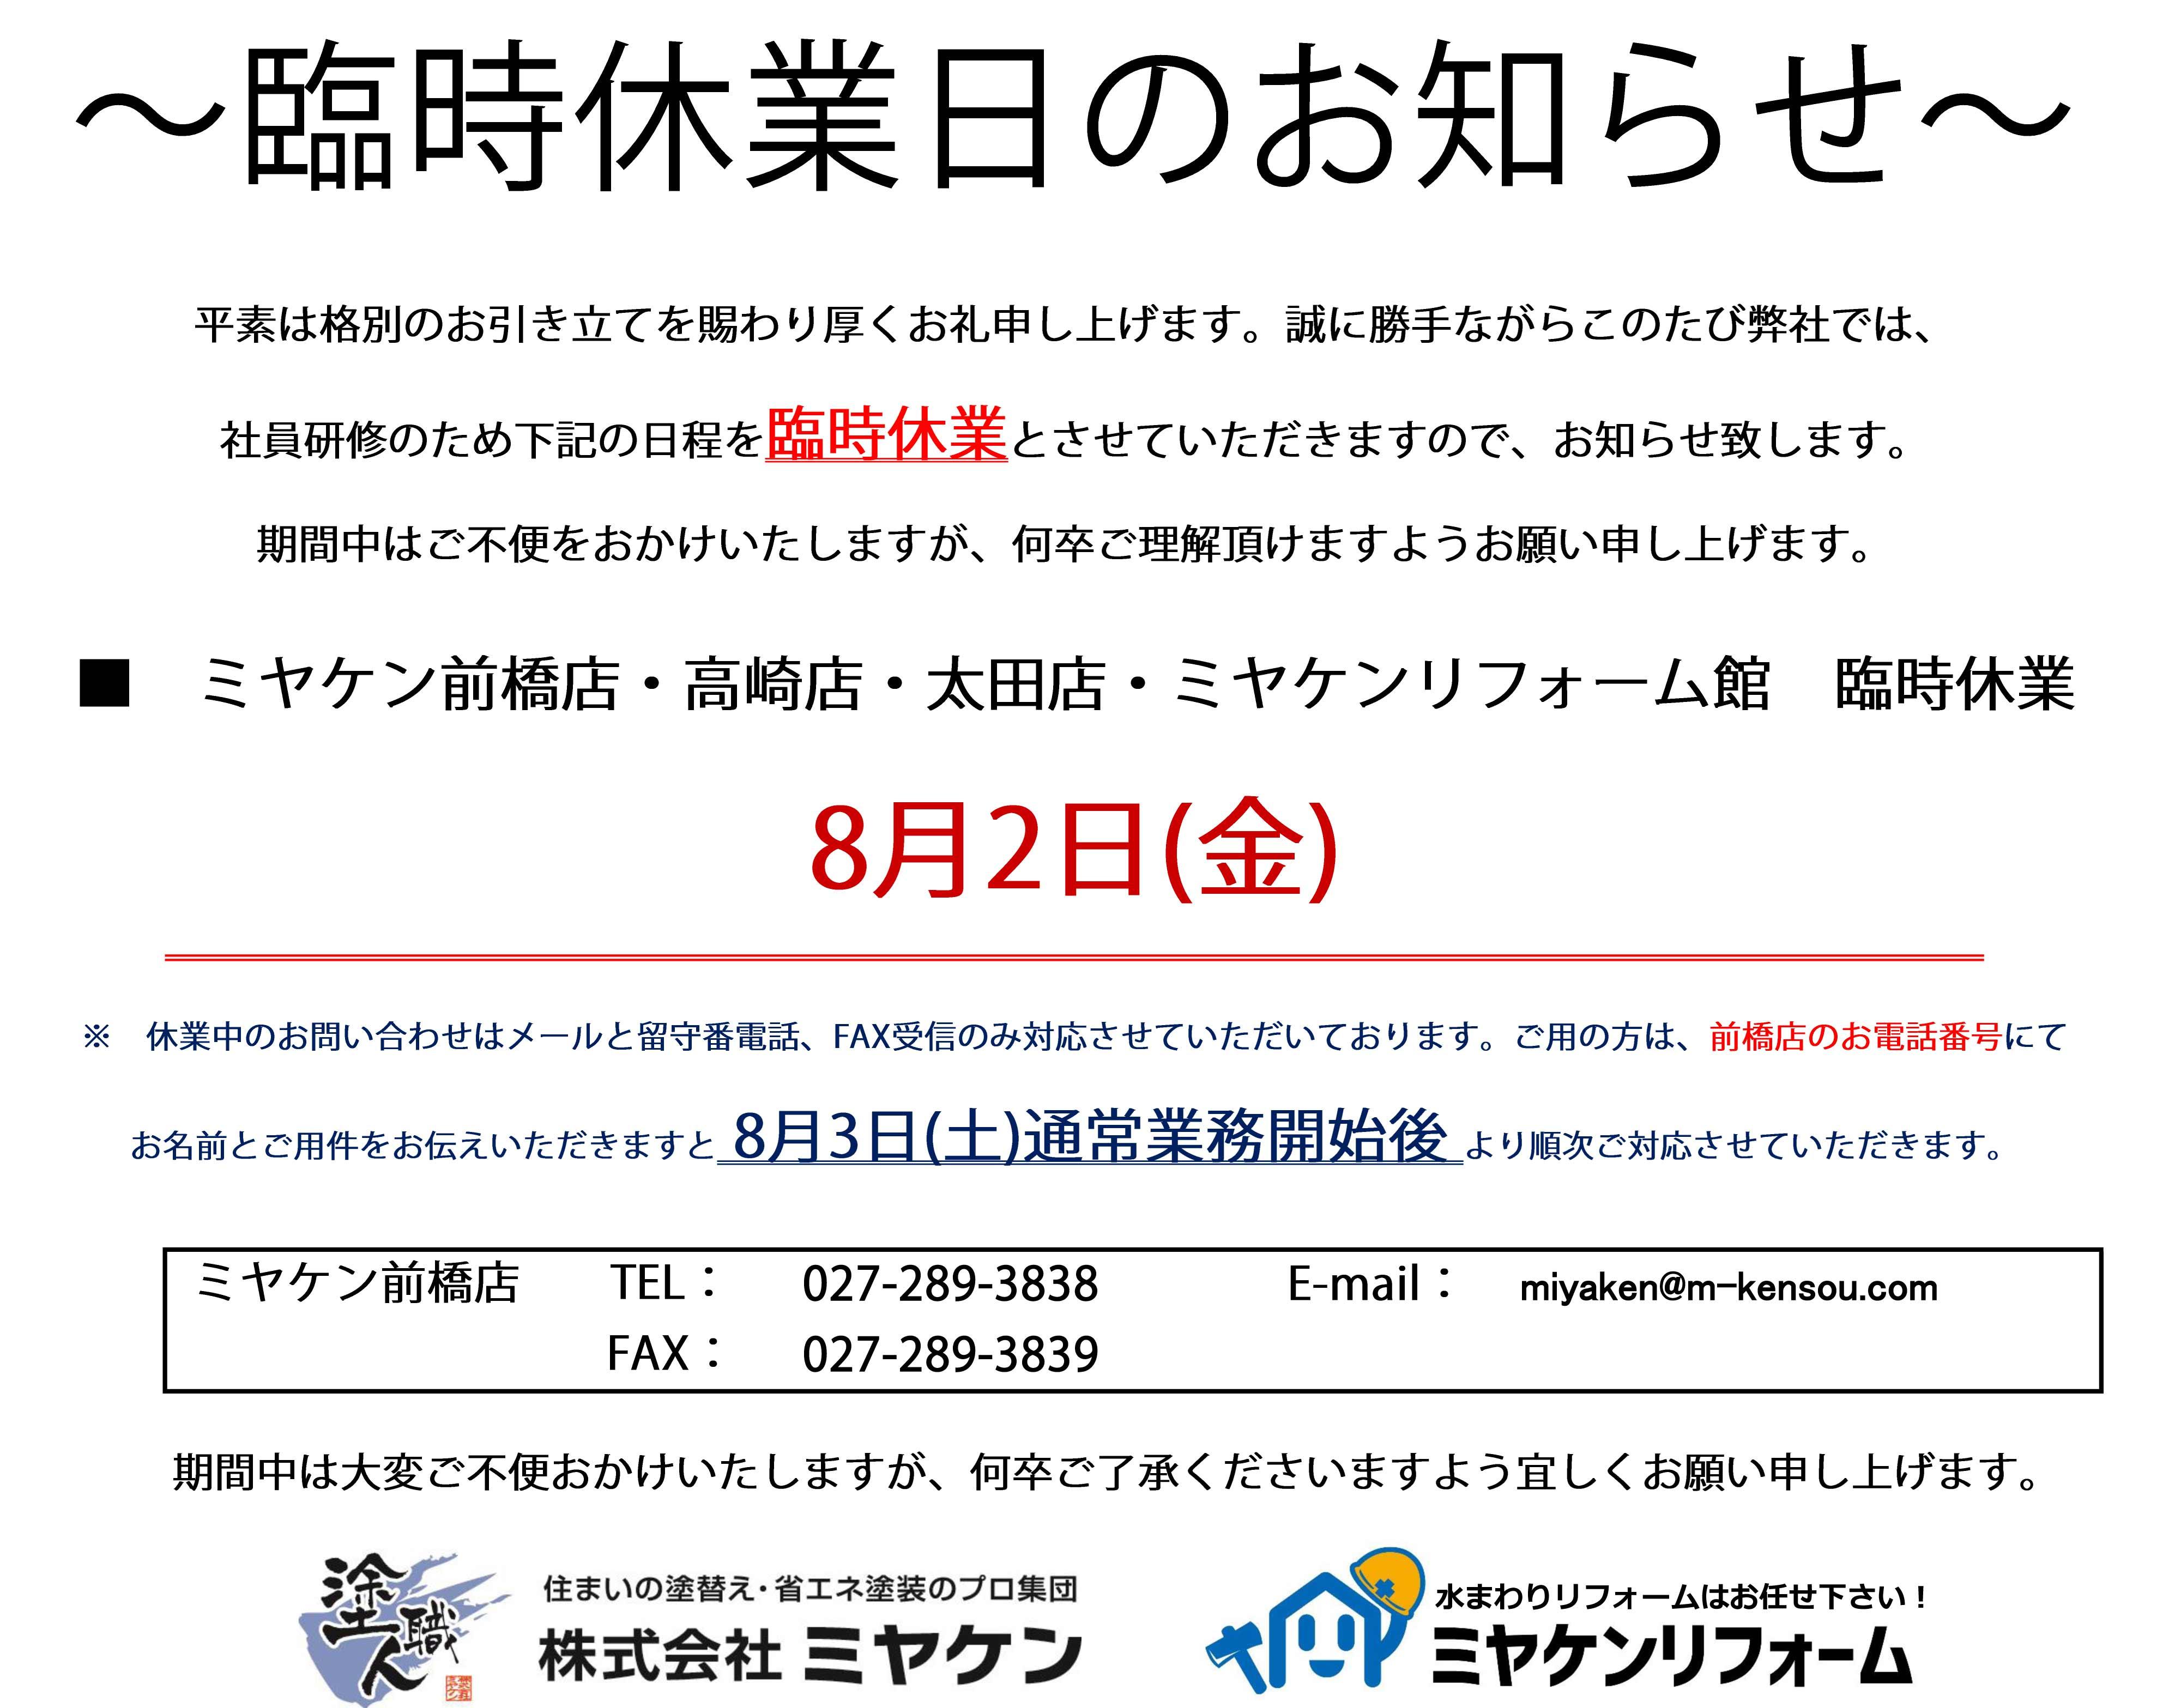 【8月2日(金) 臨時休業のお知らせ】